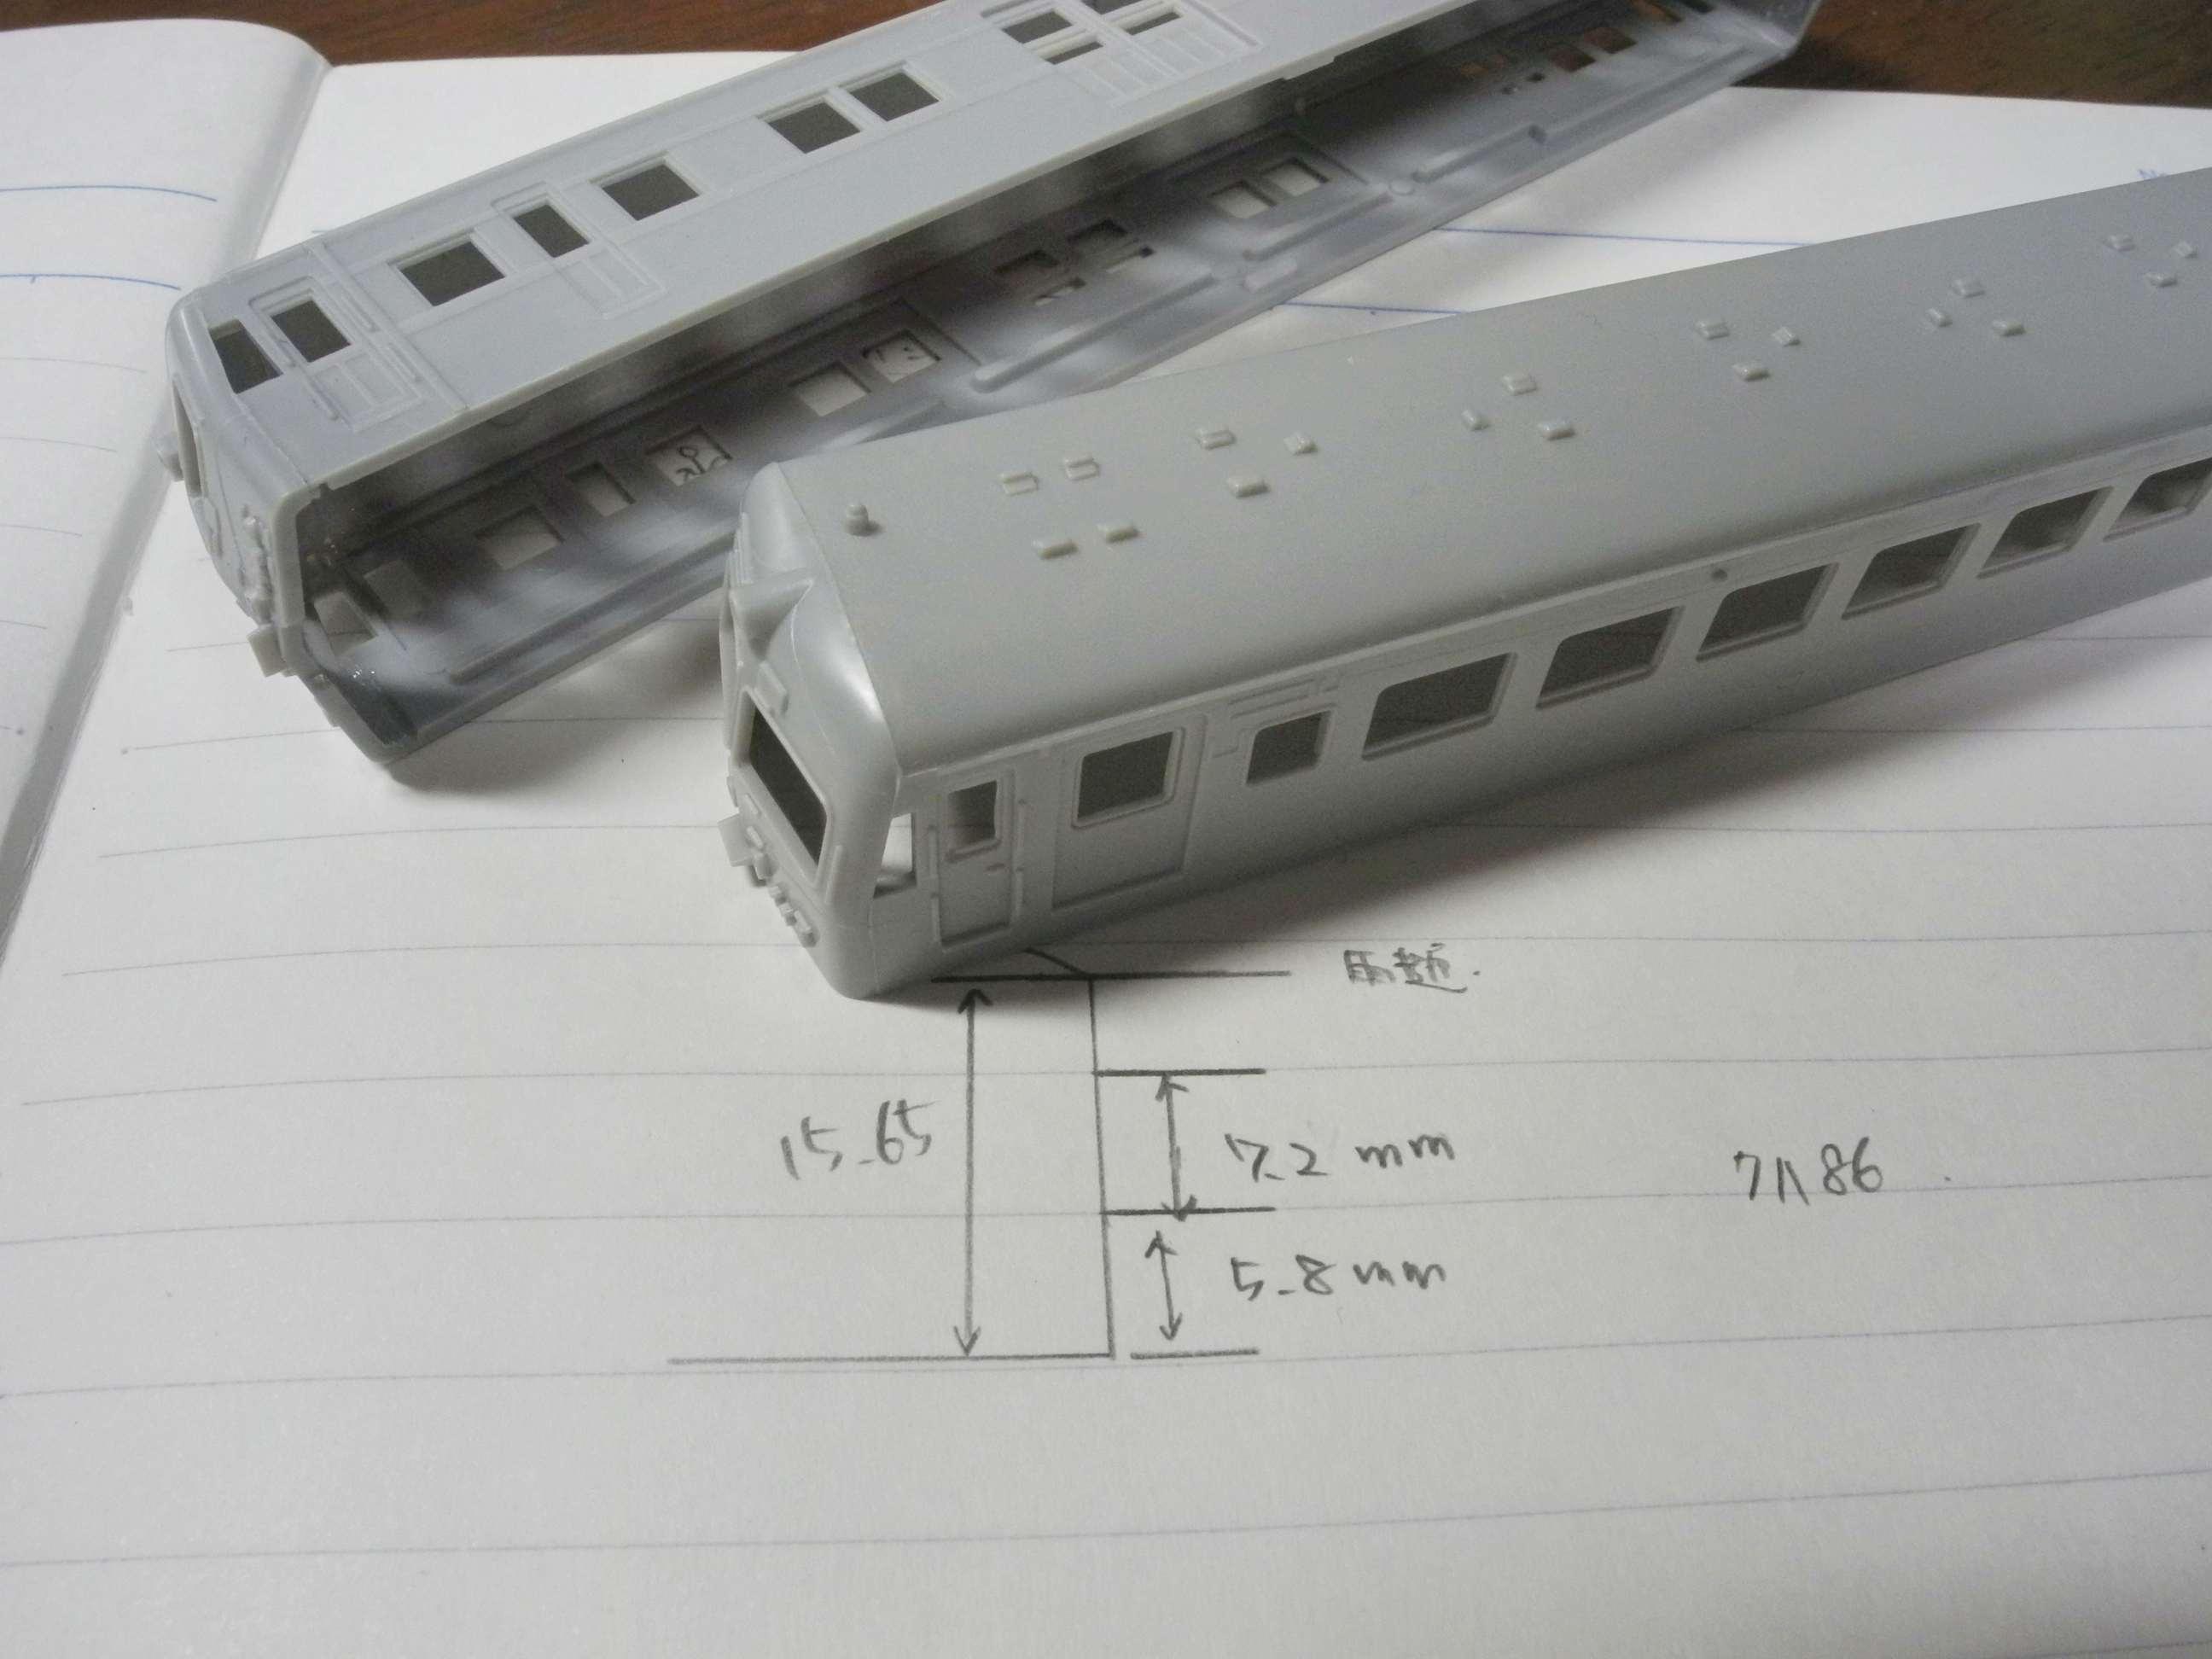 DSCN6772-1.jpg